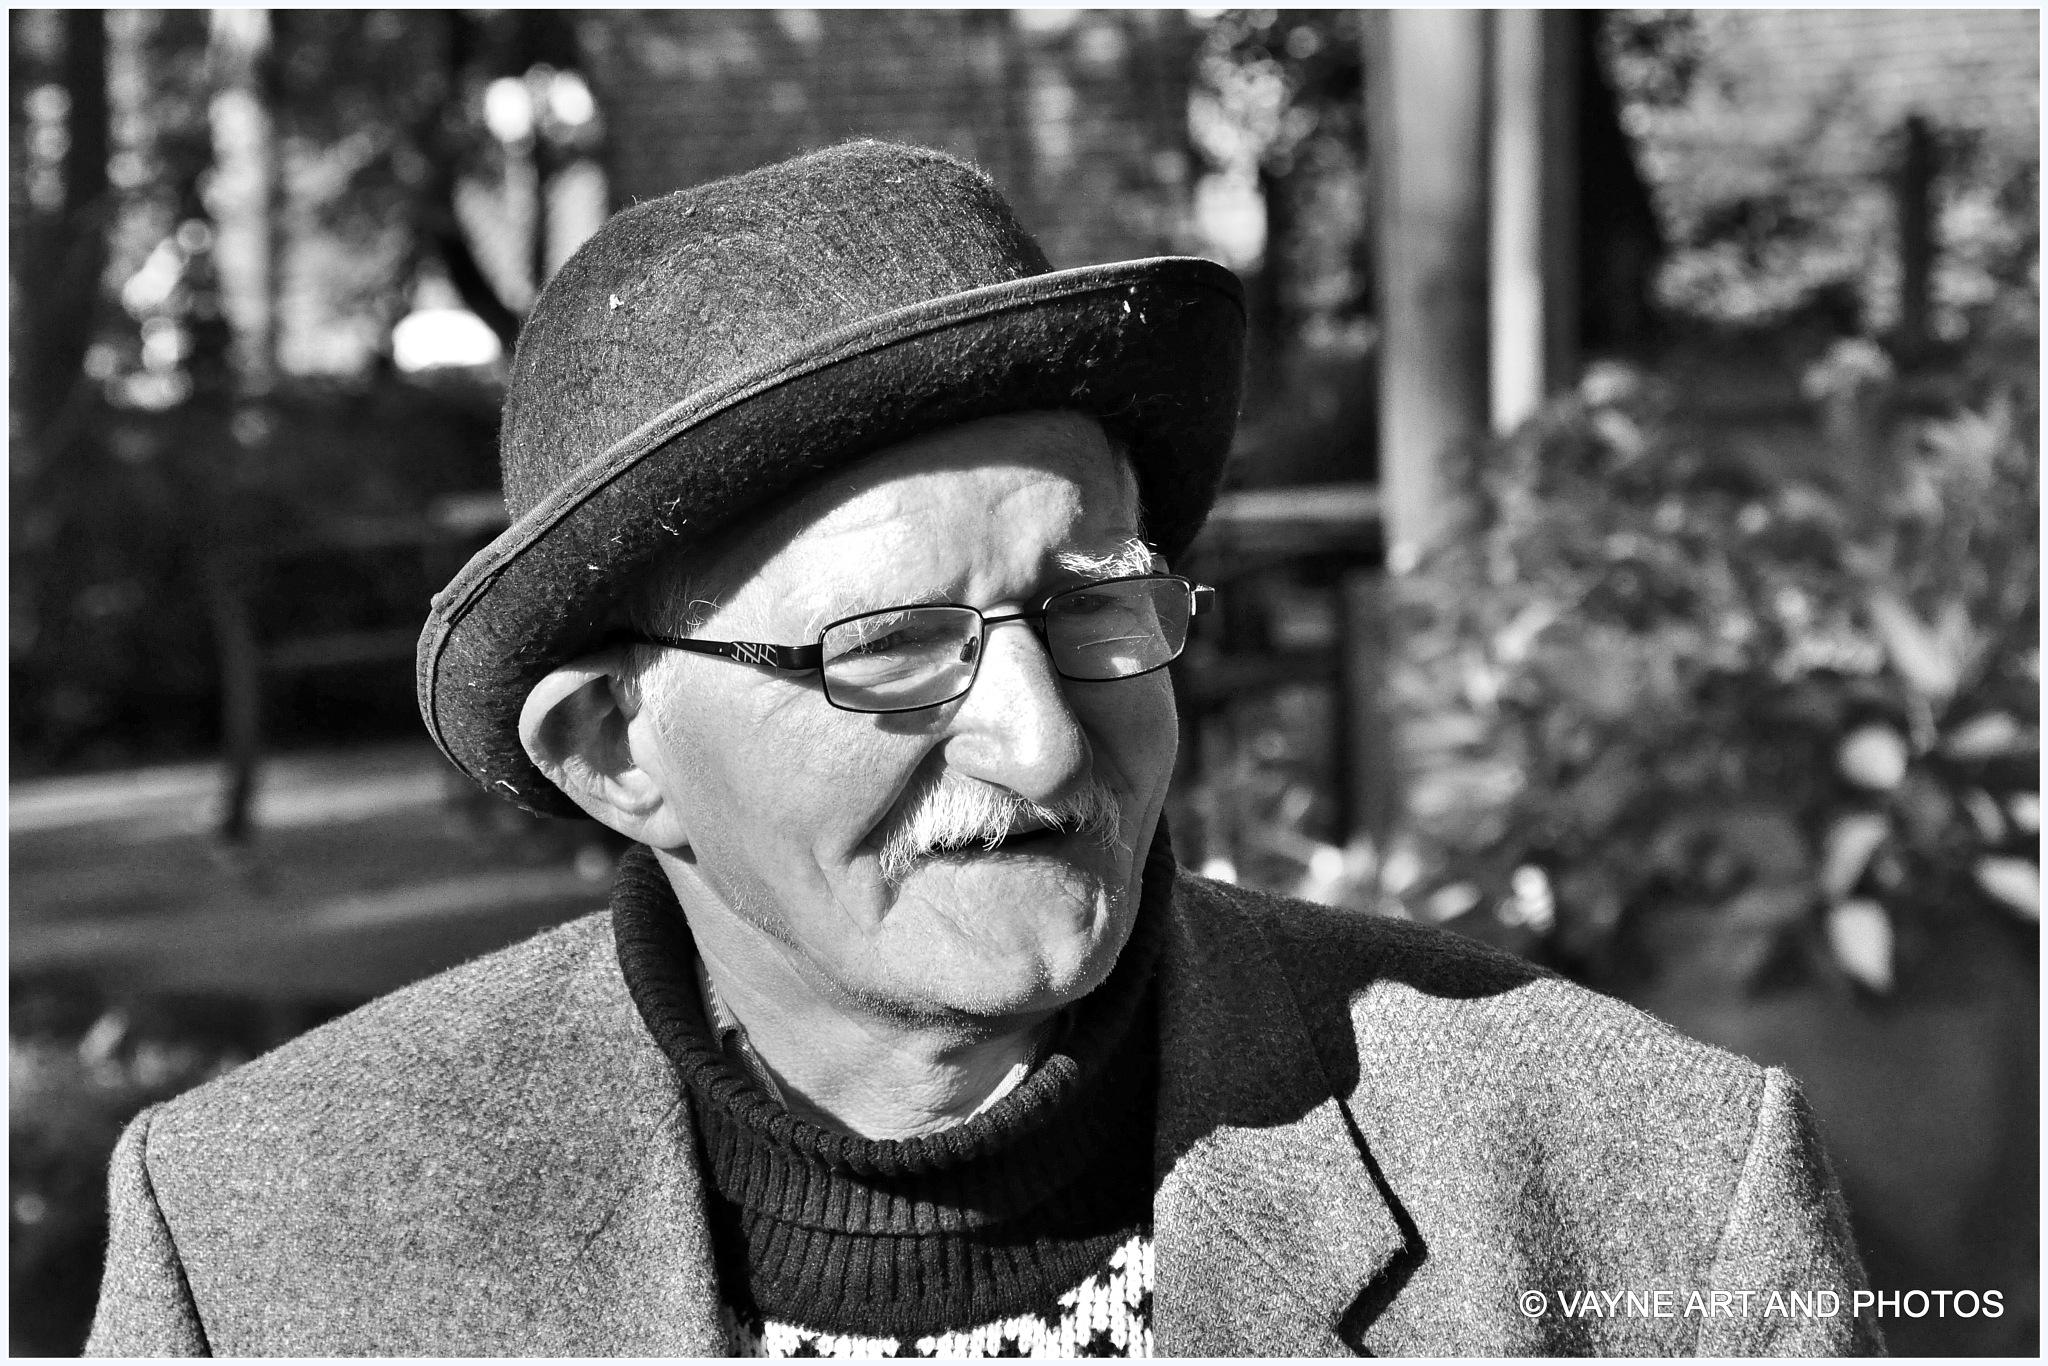 Old man in the street by Jacob van der Veen